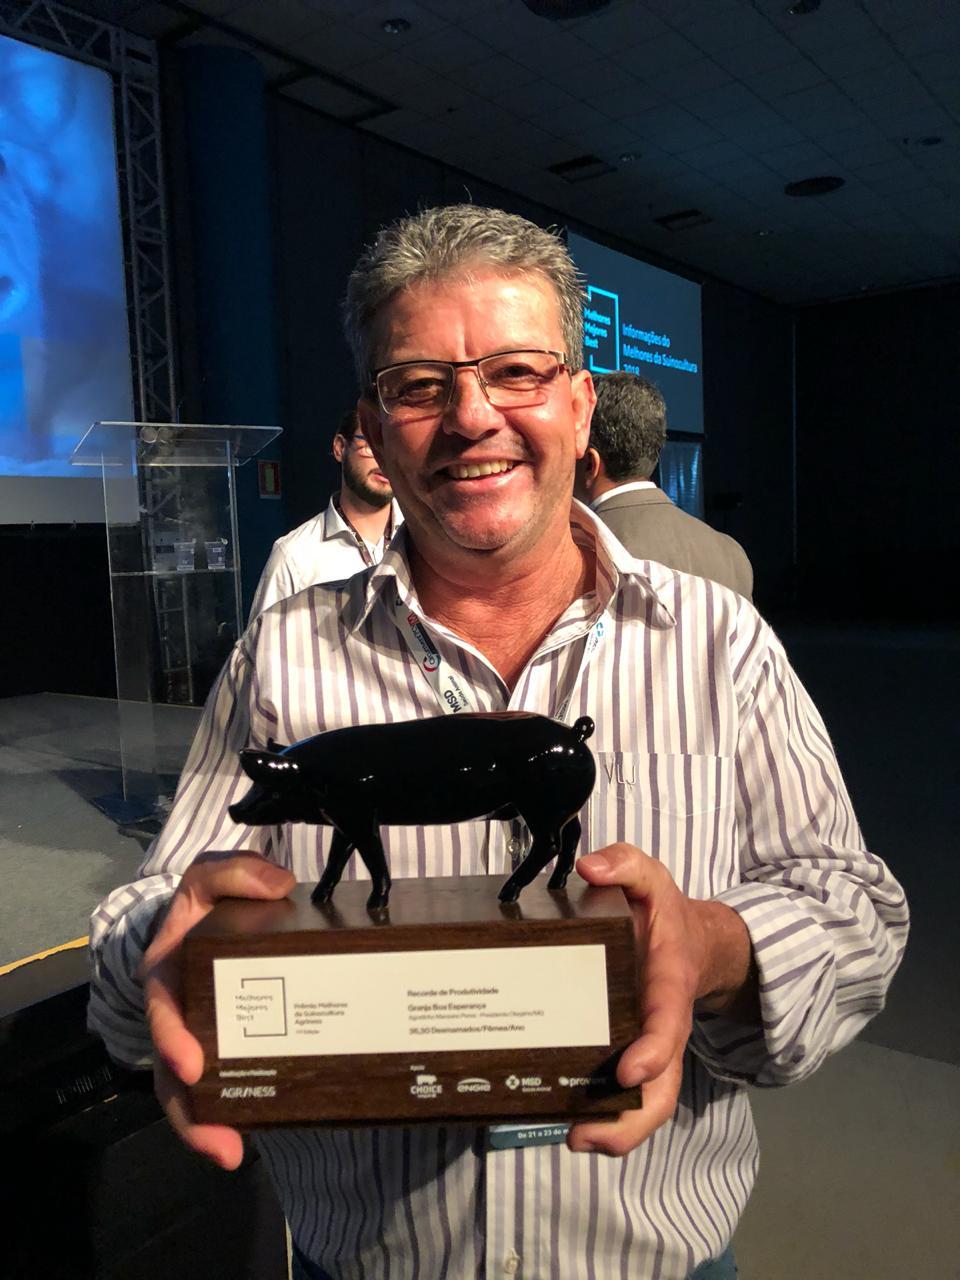 Resultado do Prêmio Melhores da Suinocultura Agriness comprova excelência genética da DB - DanBred